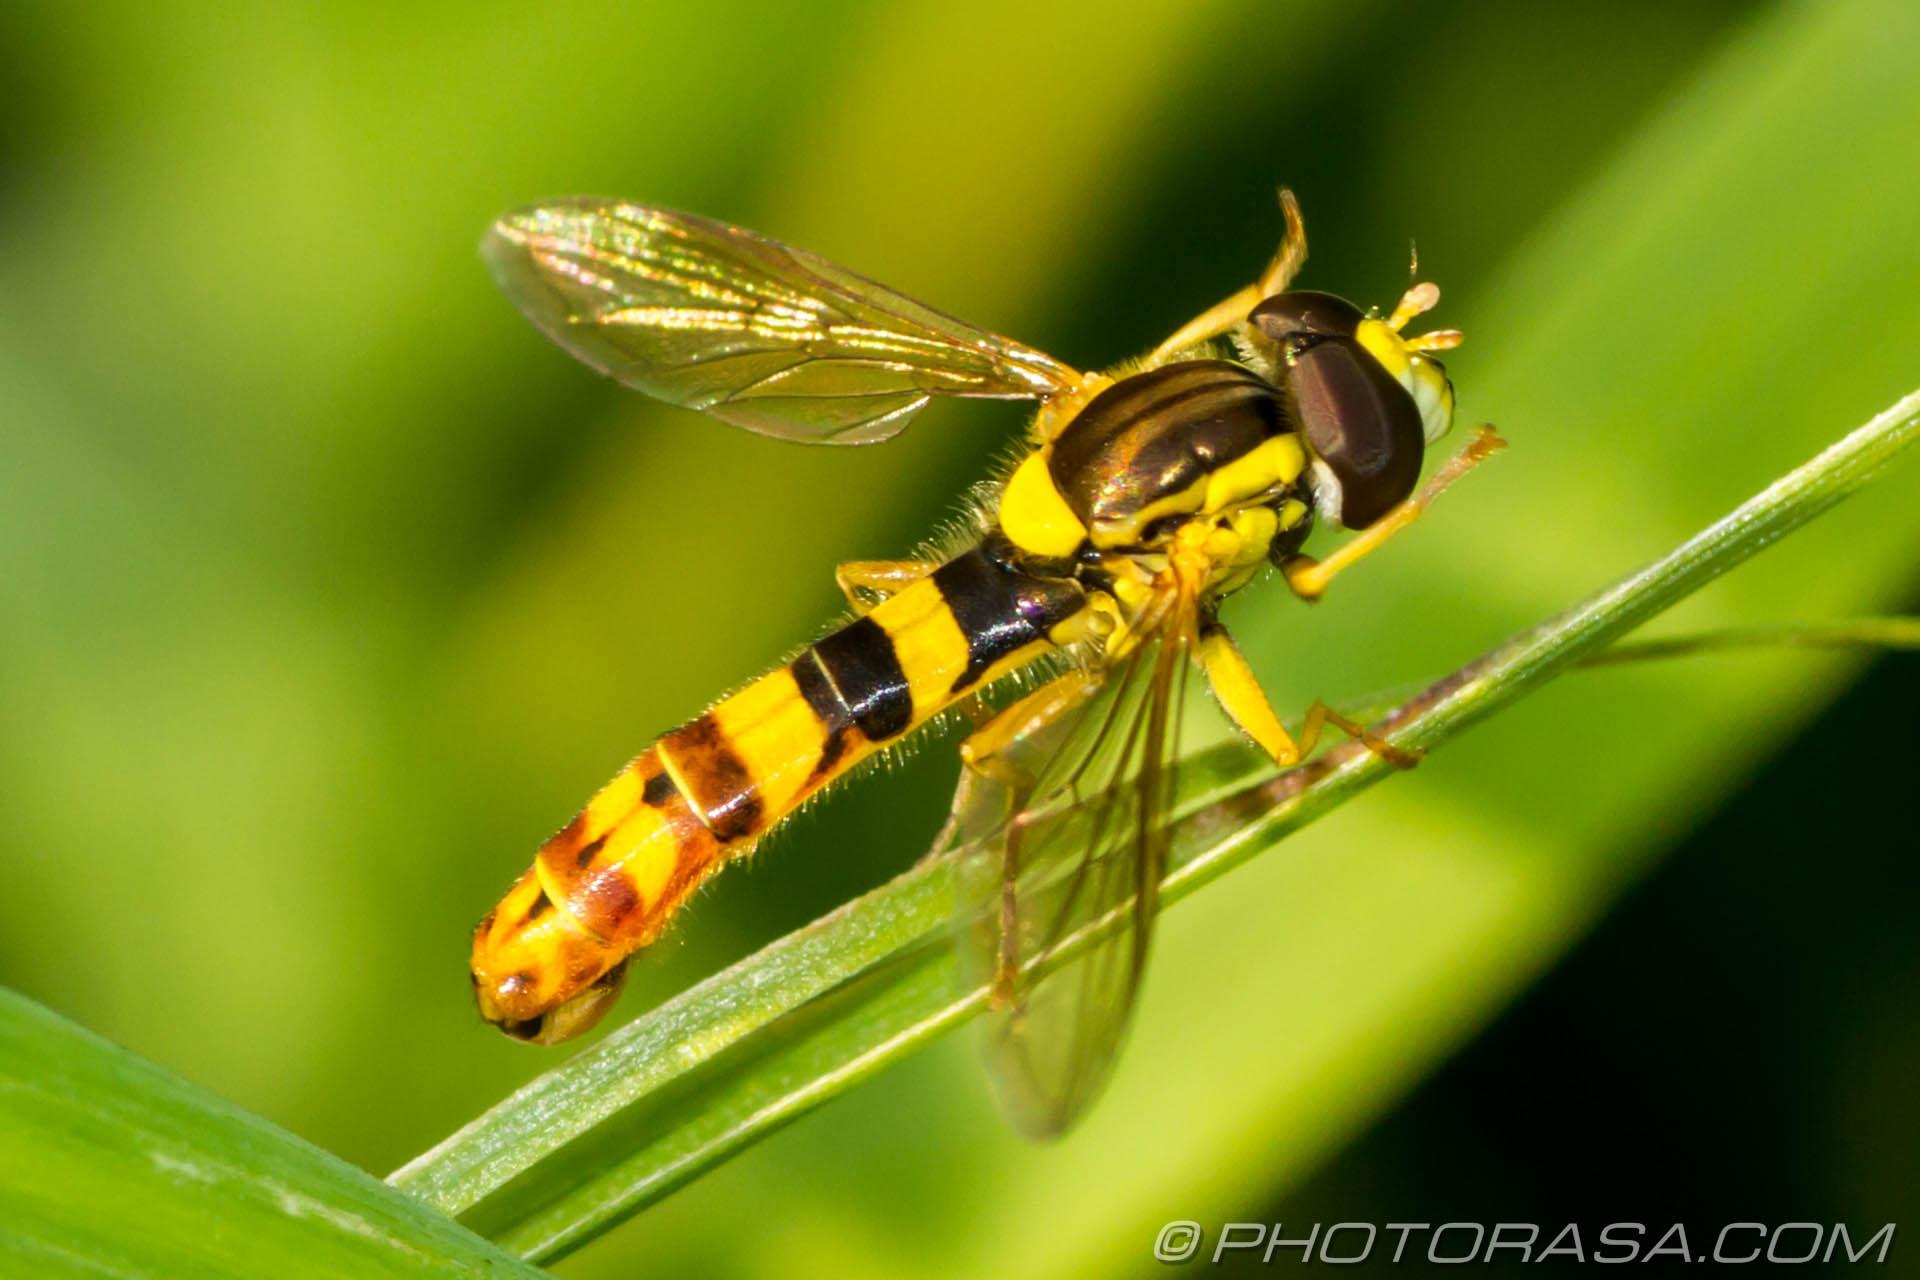 https://photorasa.com/hoverflies/male-thin-abdomen-hoverfly/